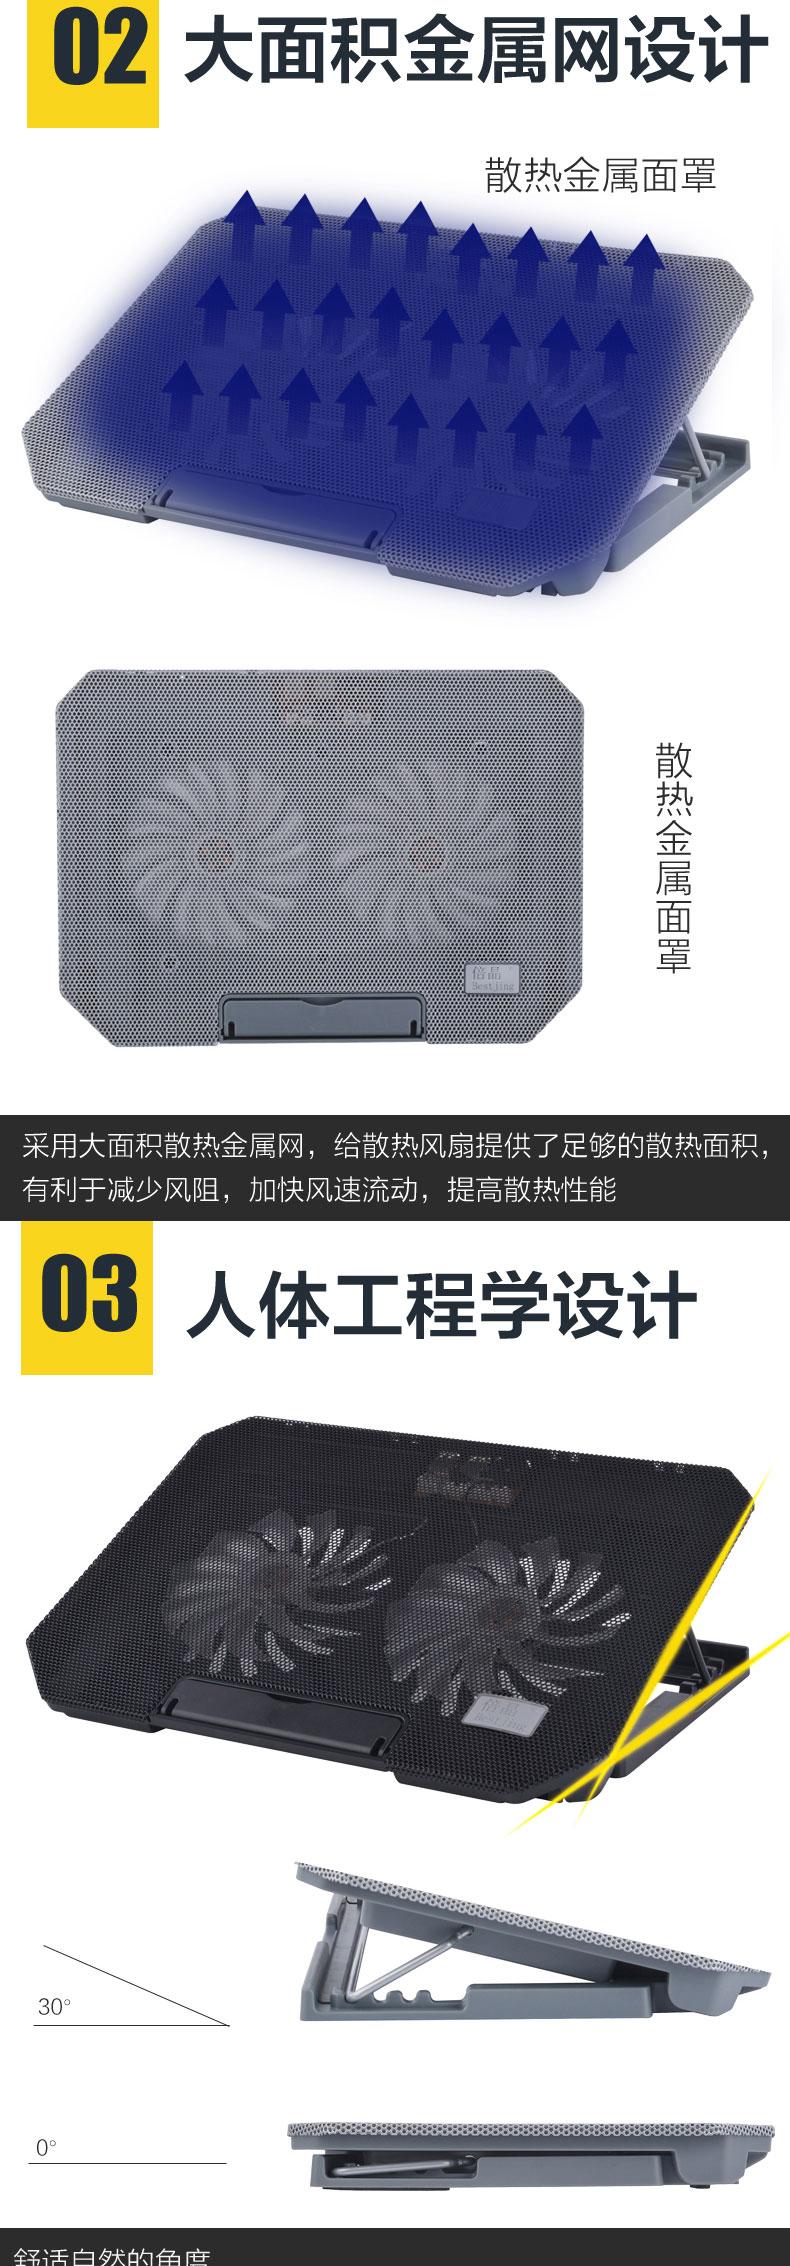 Đế tản nhiệt  Dell7000Inspiron1415xps13 USBUSB 倍晶散热器 - ảnh 4